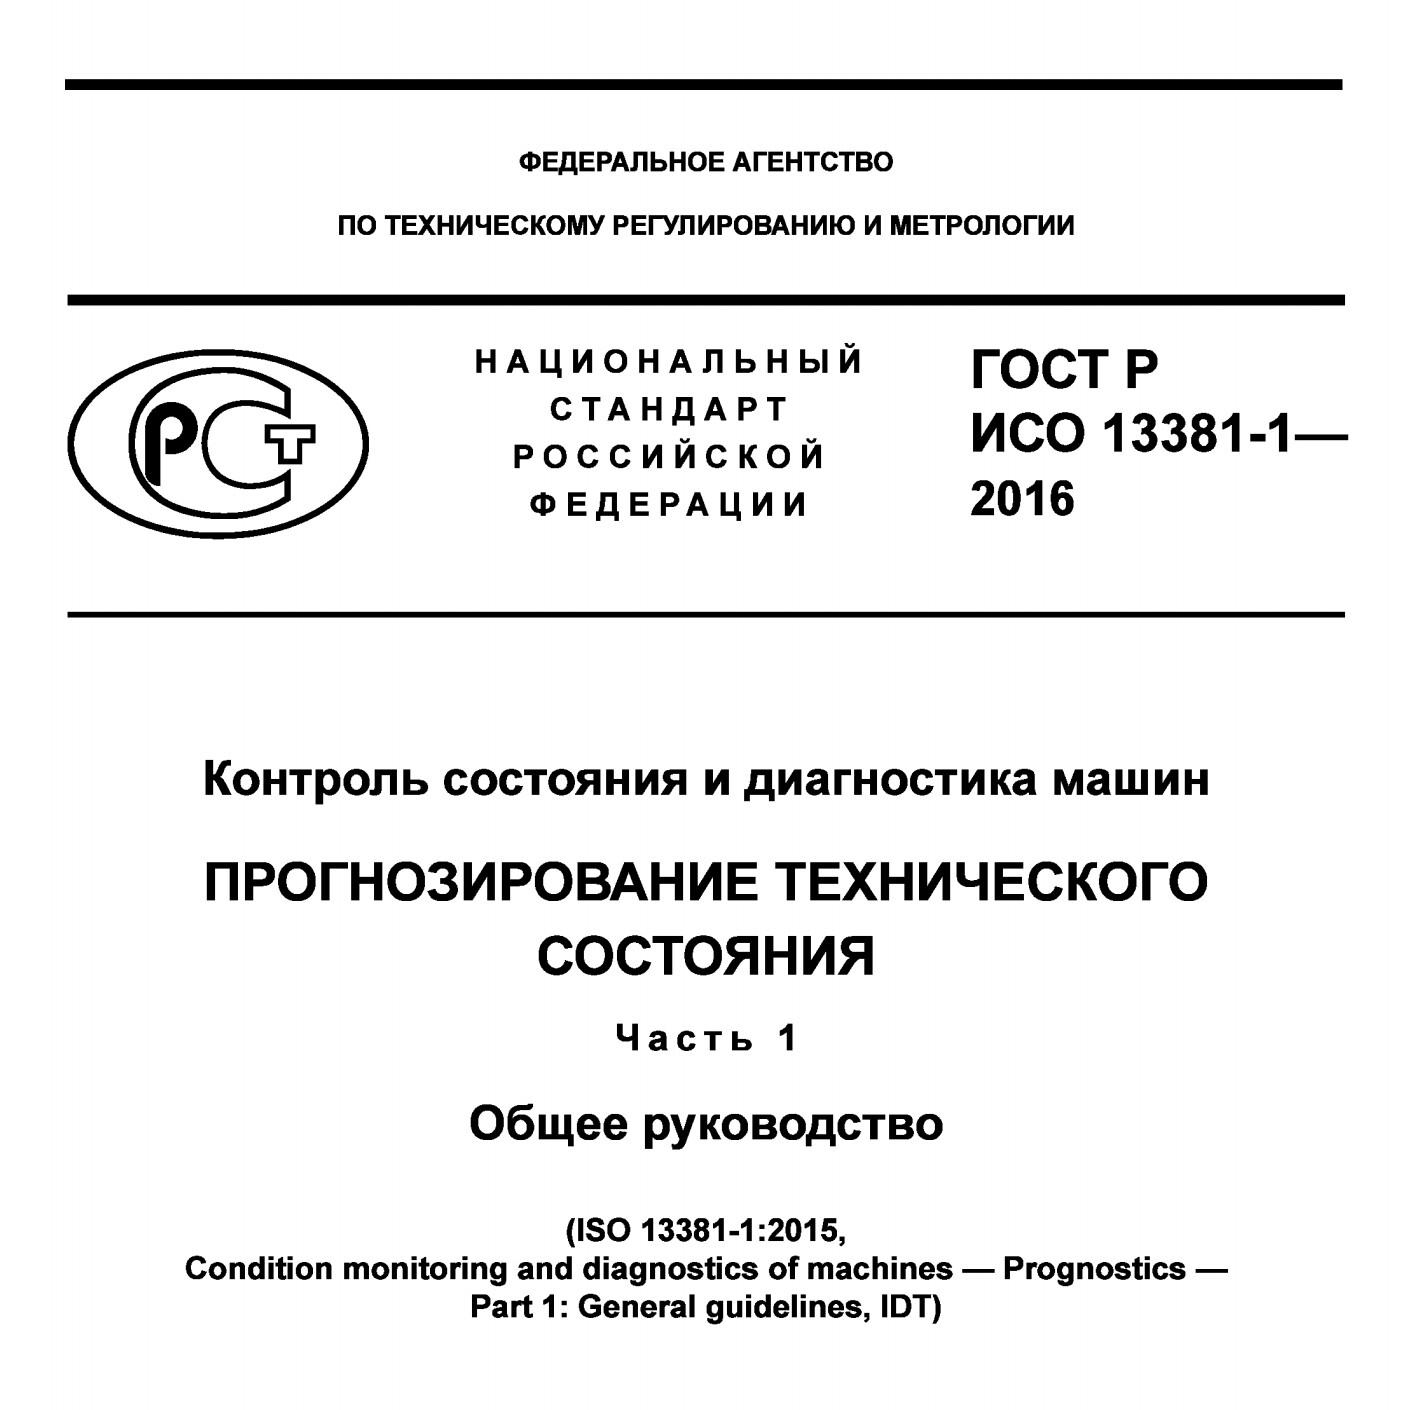 ГОСТ Р ИСО 13381-1-2016 Контроль состояния и диагностика машин. Прогнозирование технического состояния. Часть 1. Общее руководство